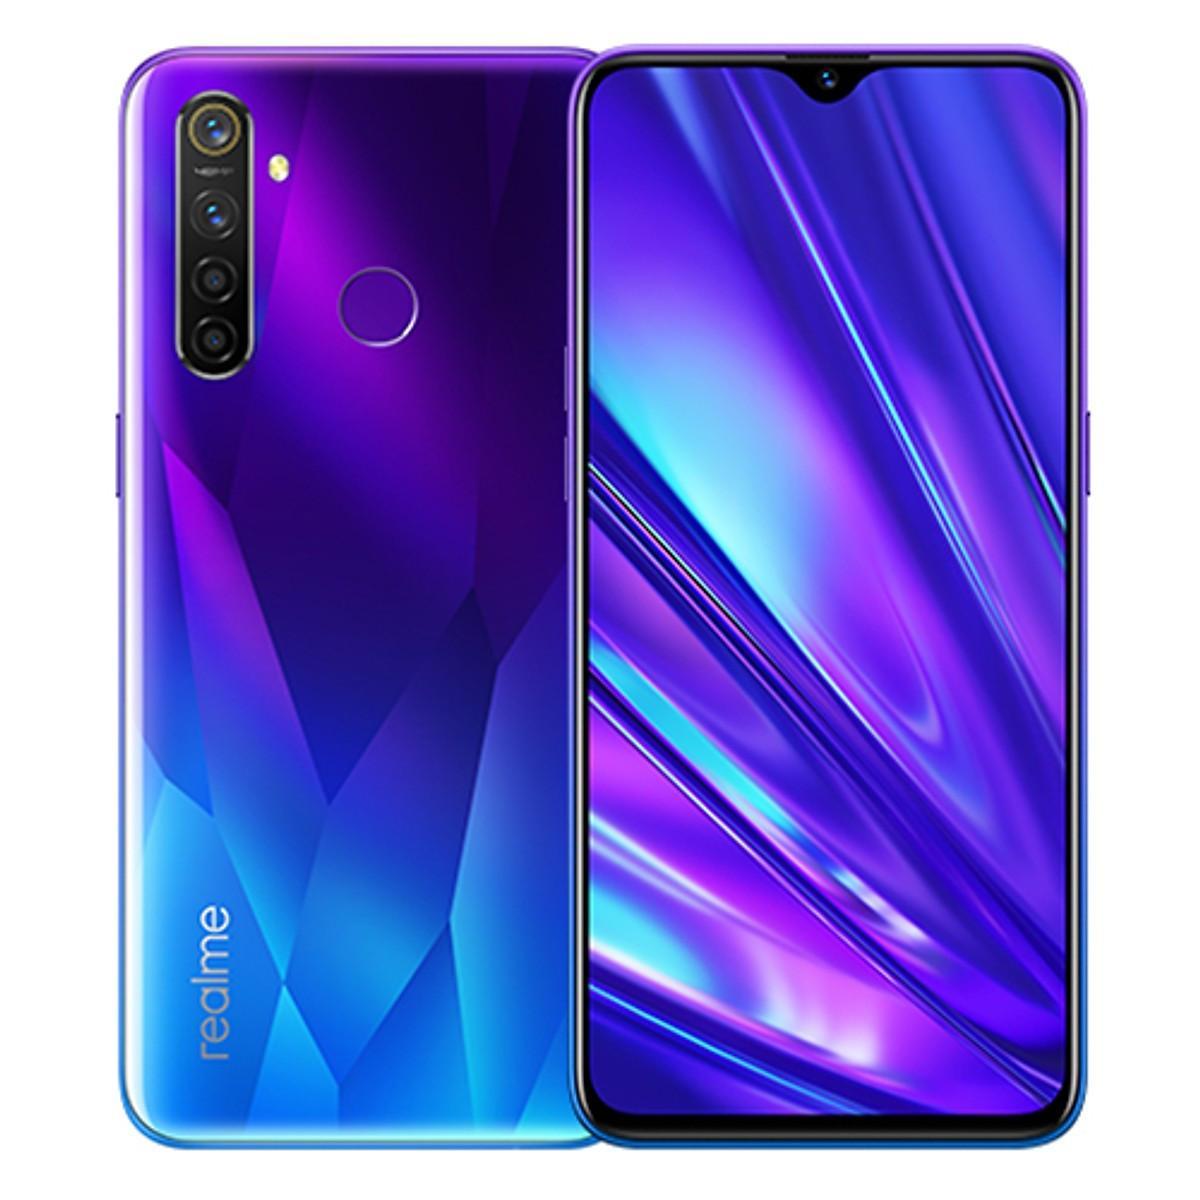 Review Điện Thoại Realme 5 Pro (8GB/128GB)